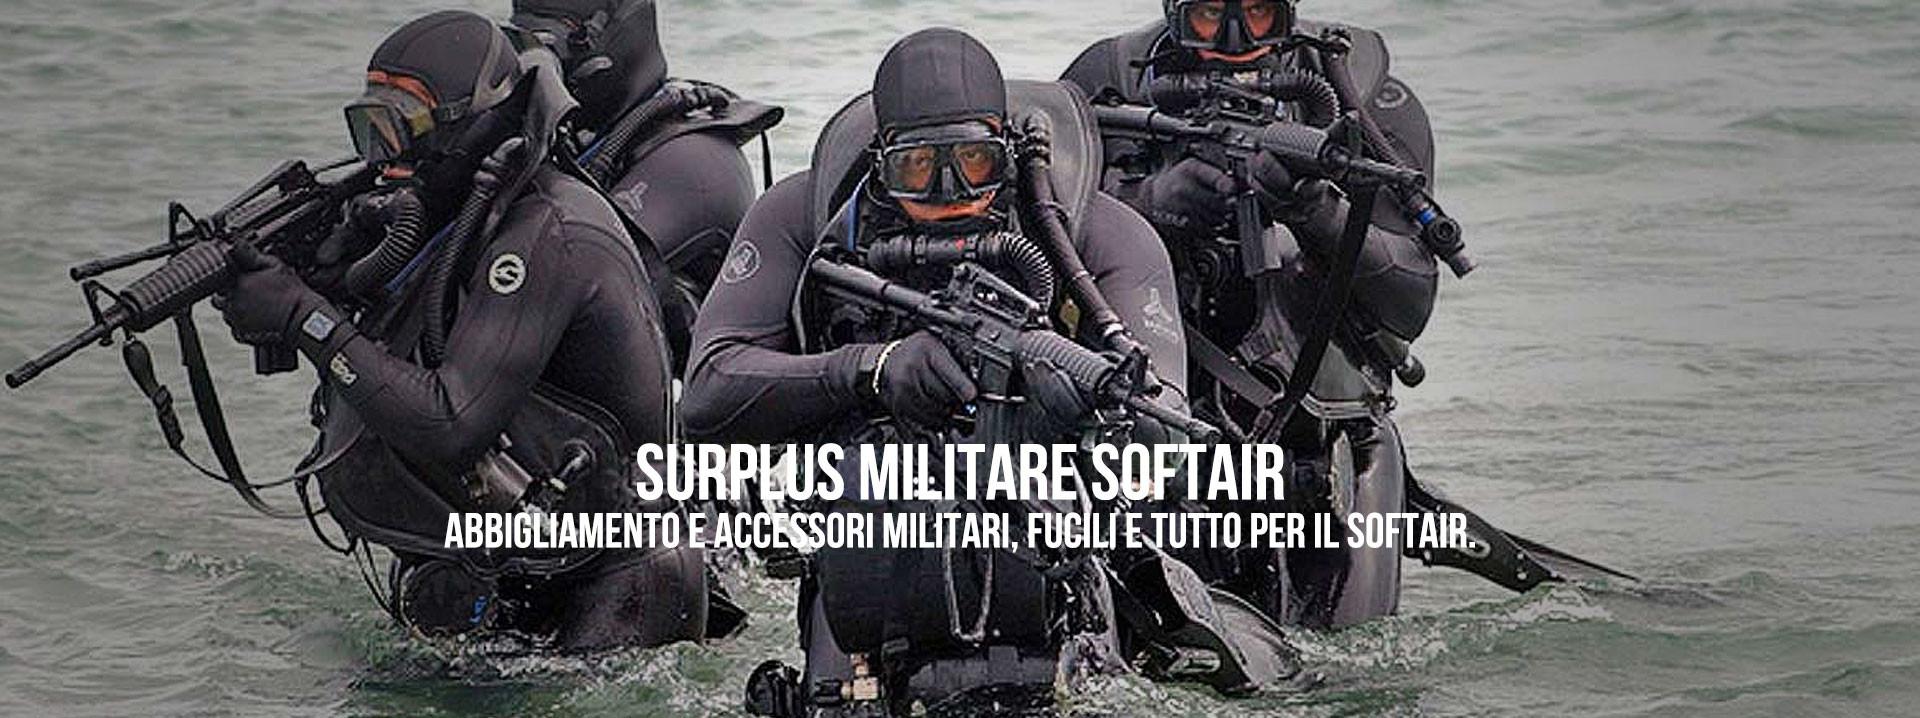 Surplus Militare Softair Abbigliamento e Accessori Militari, Fucili e tutto per il Softair